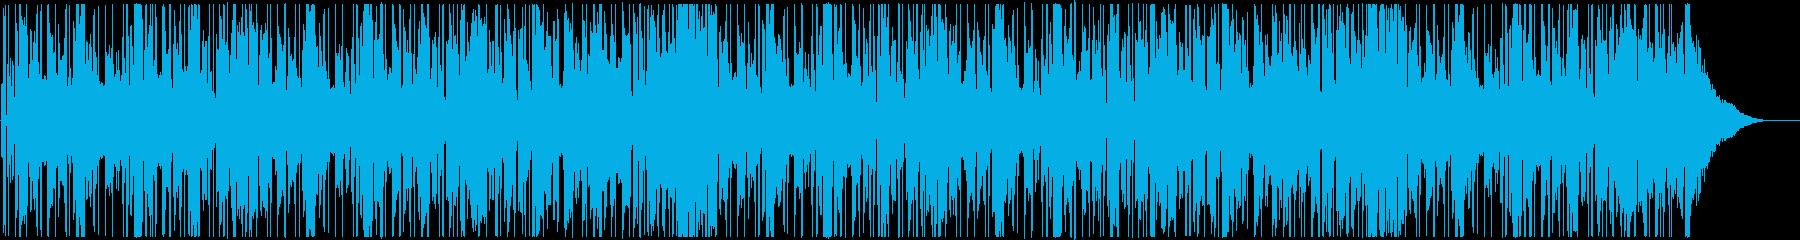 ゆったりとしたシックなチル系HIPHOPの再生済みの波形